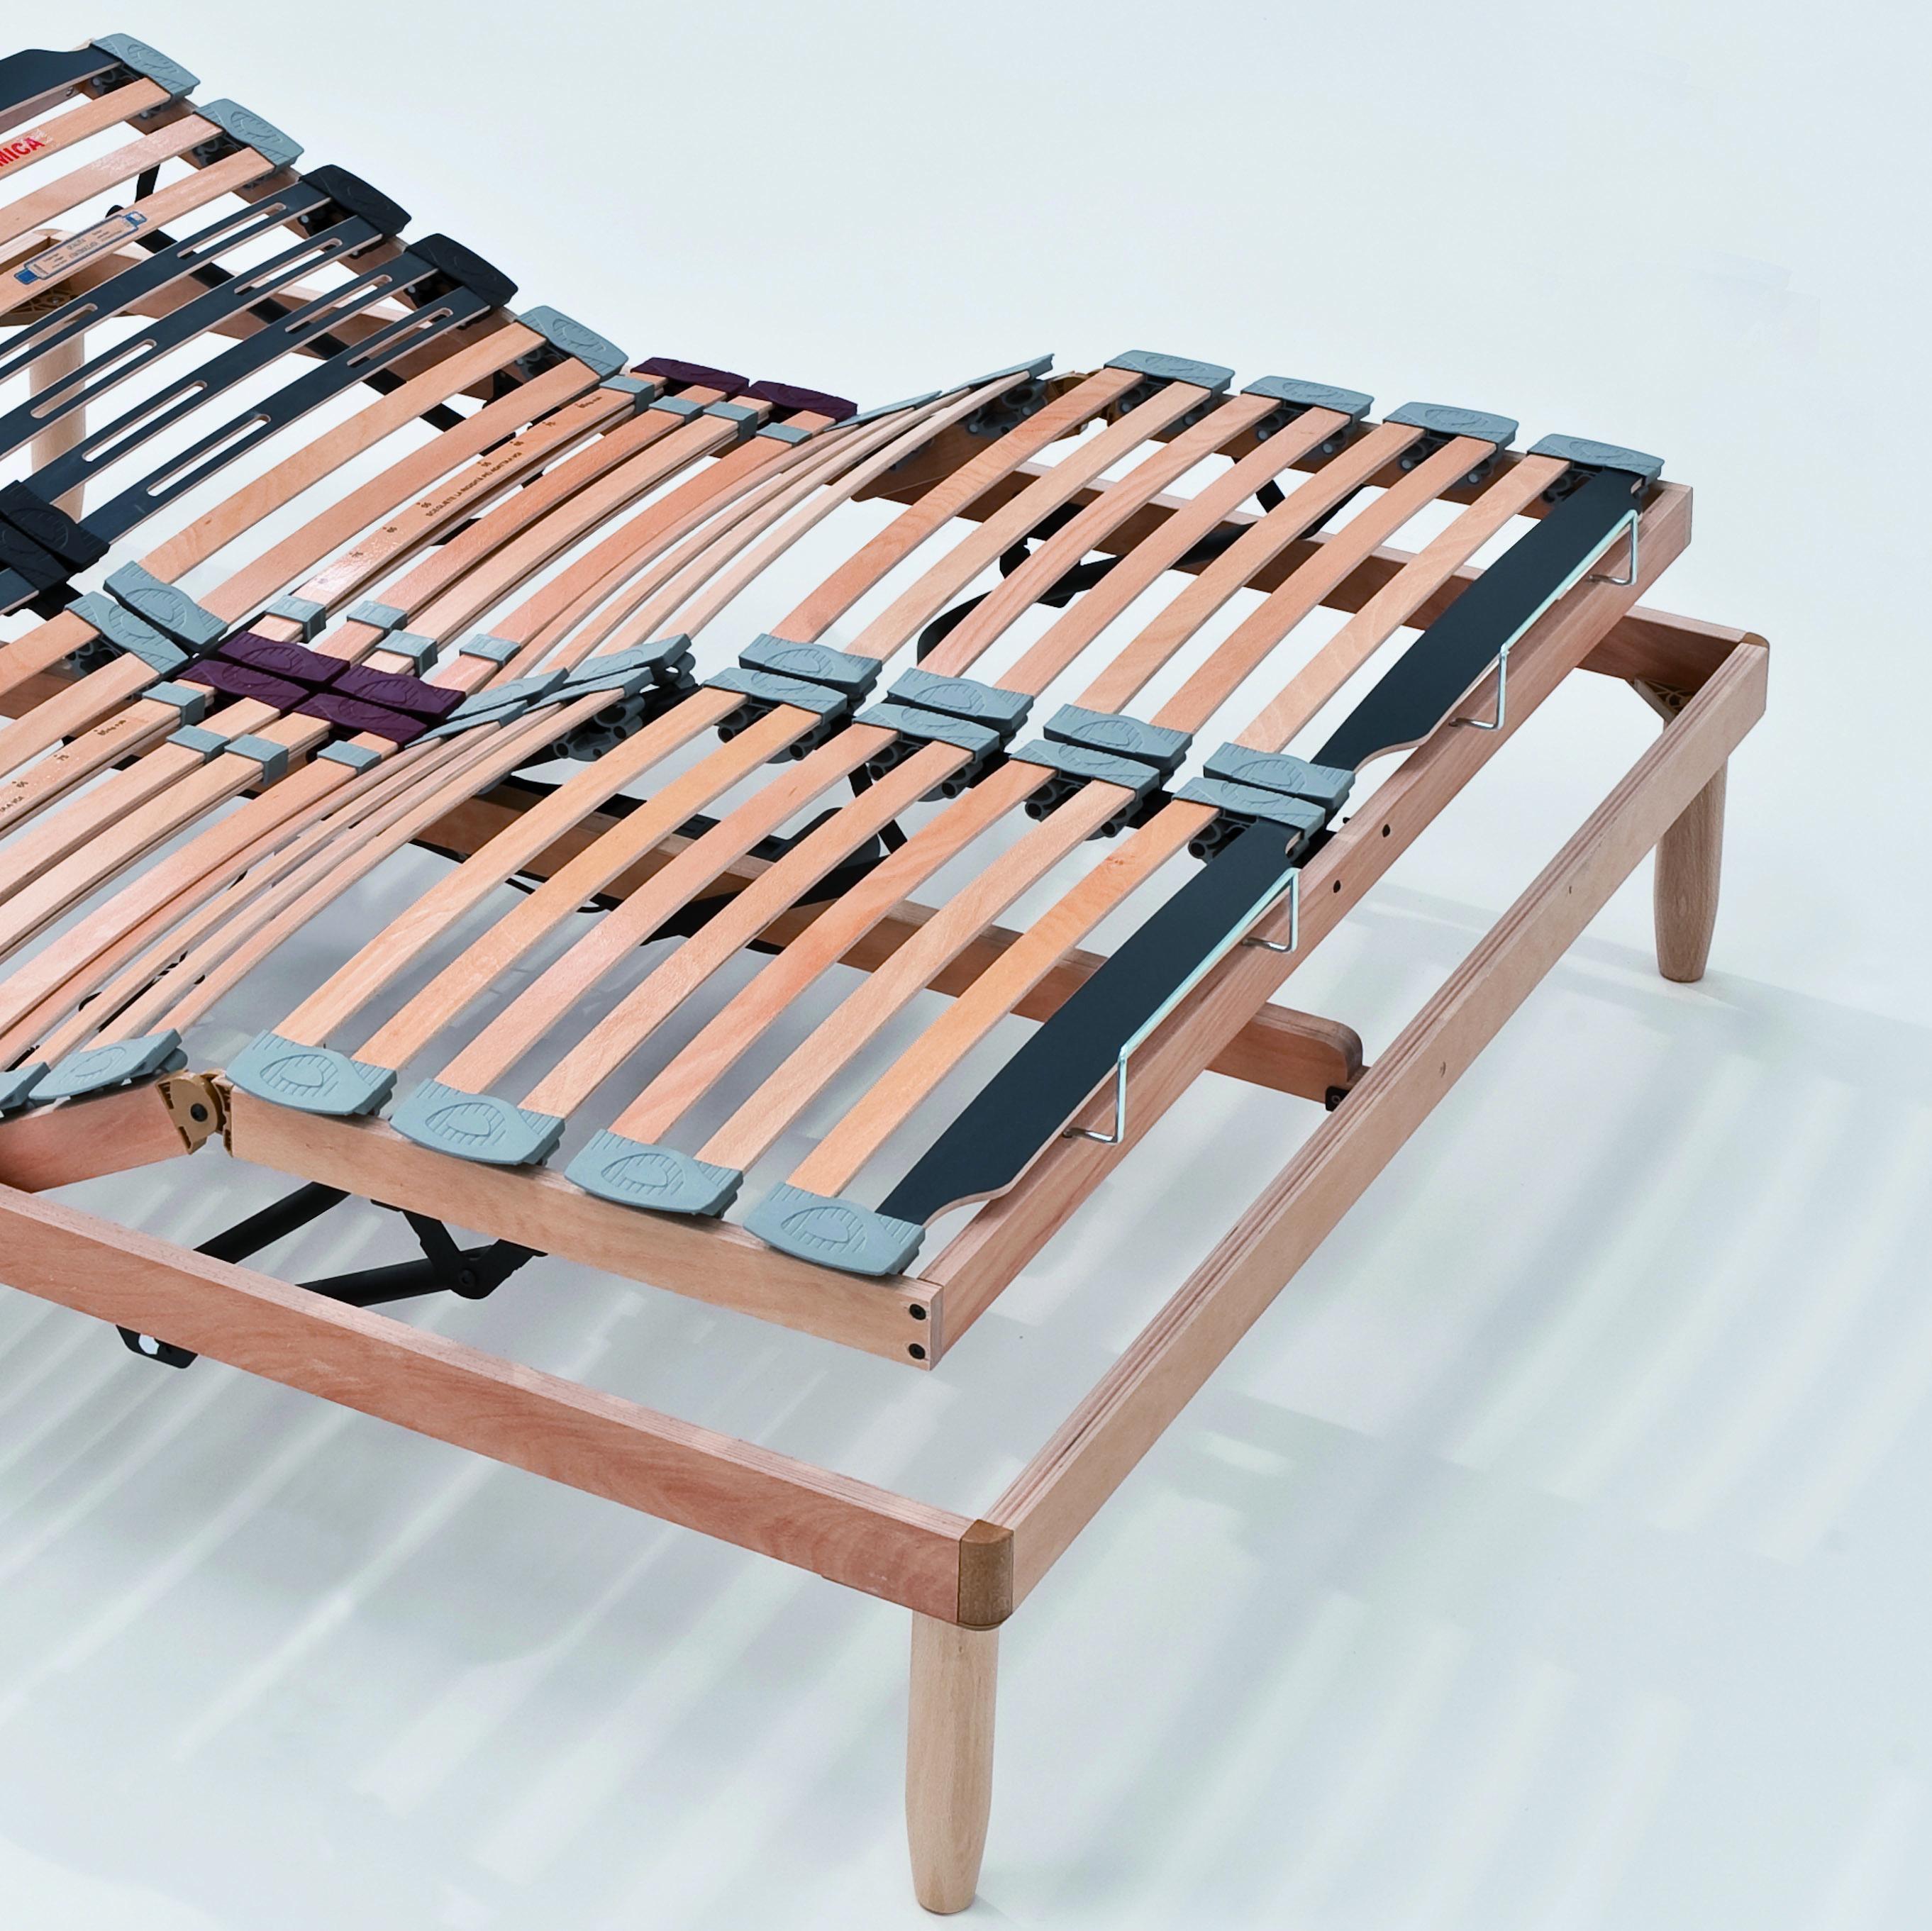 Rete a doghe in legno matrimoniale alzata elettrica unica - Rete e materasso ikea ...